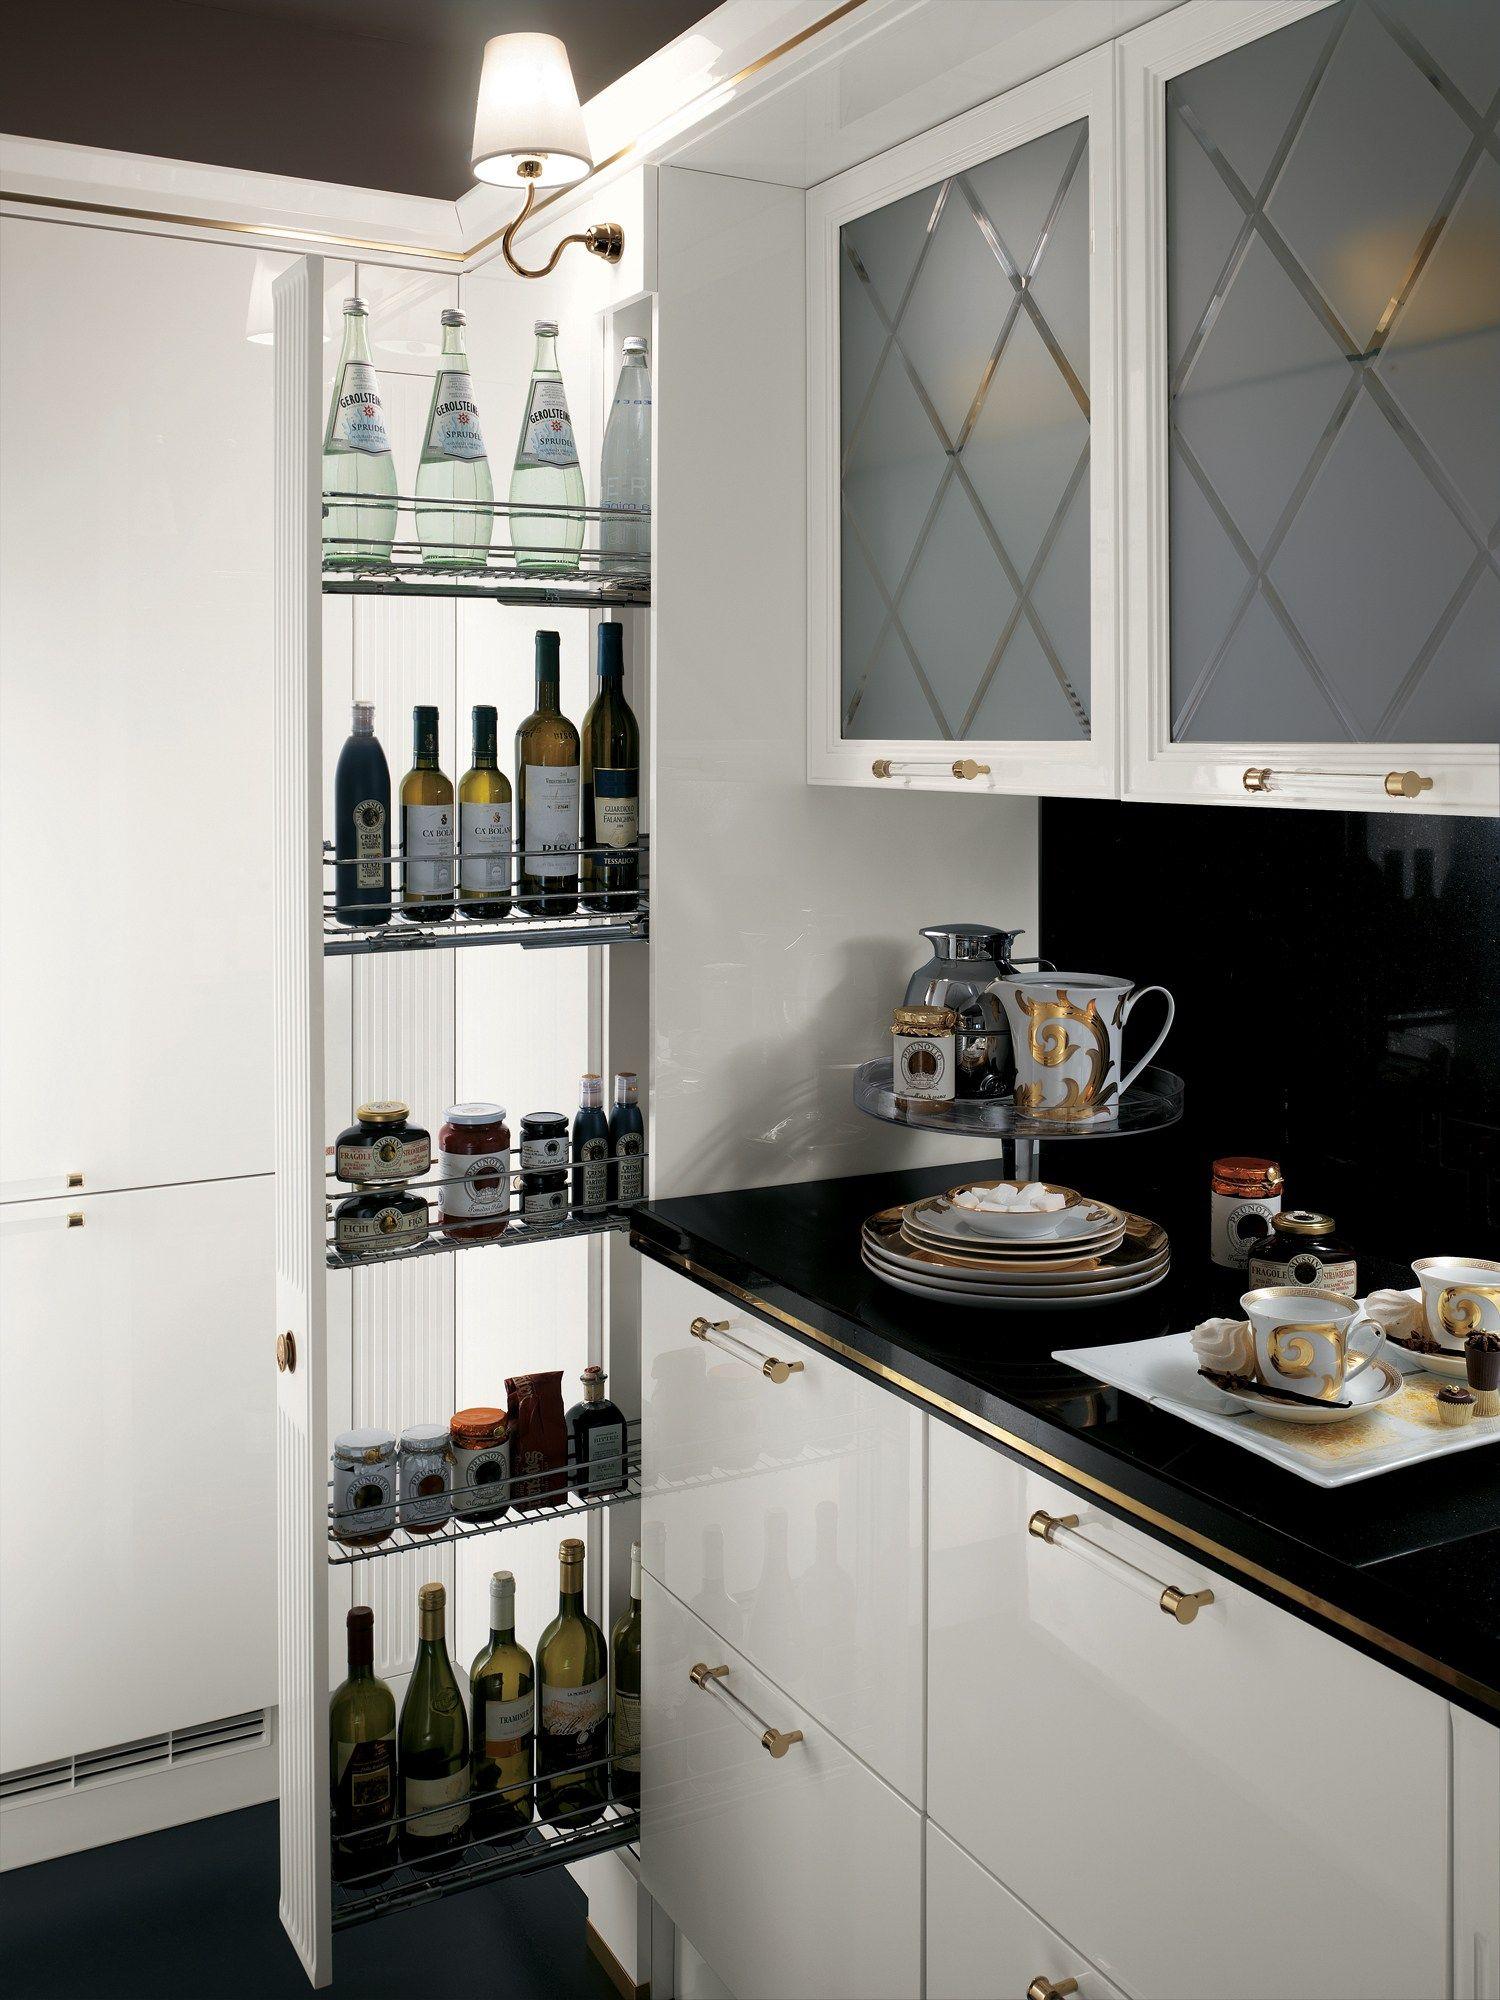 Scavolini Kitchens fitted kitchen baccarat scavolini linescavolini design gianni